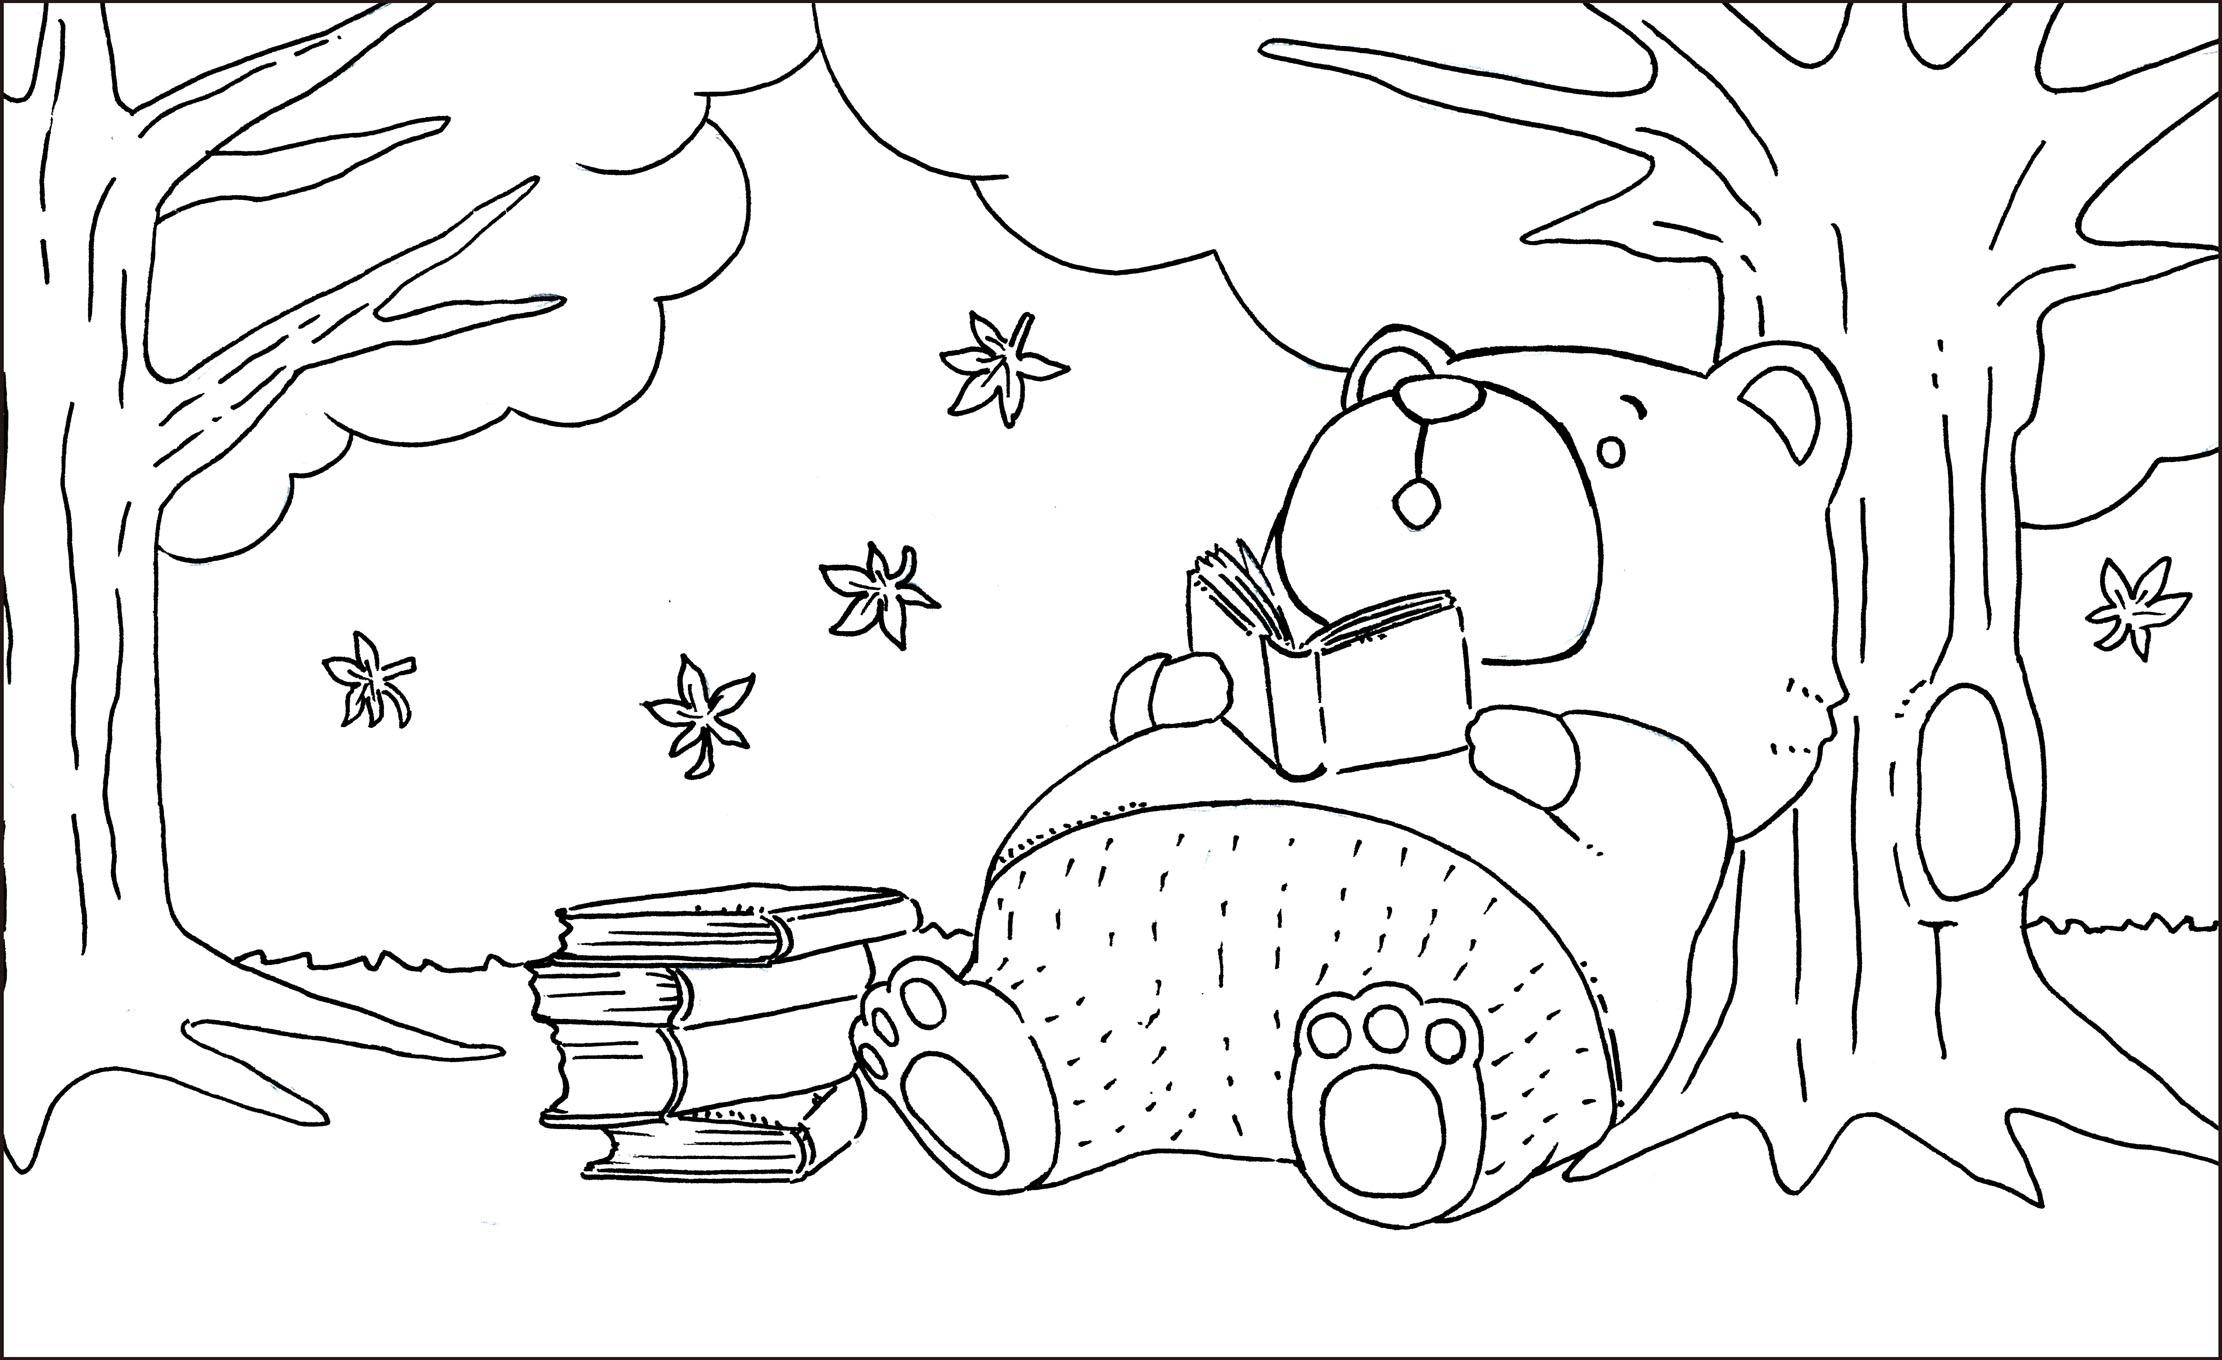 レク素材 秋の塗り絵 安井弘明介護レク広場レク素材やレクネタ